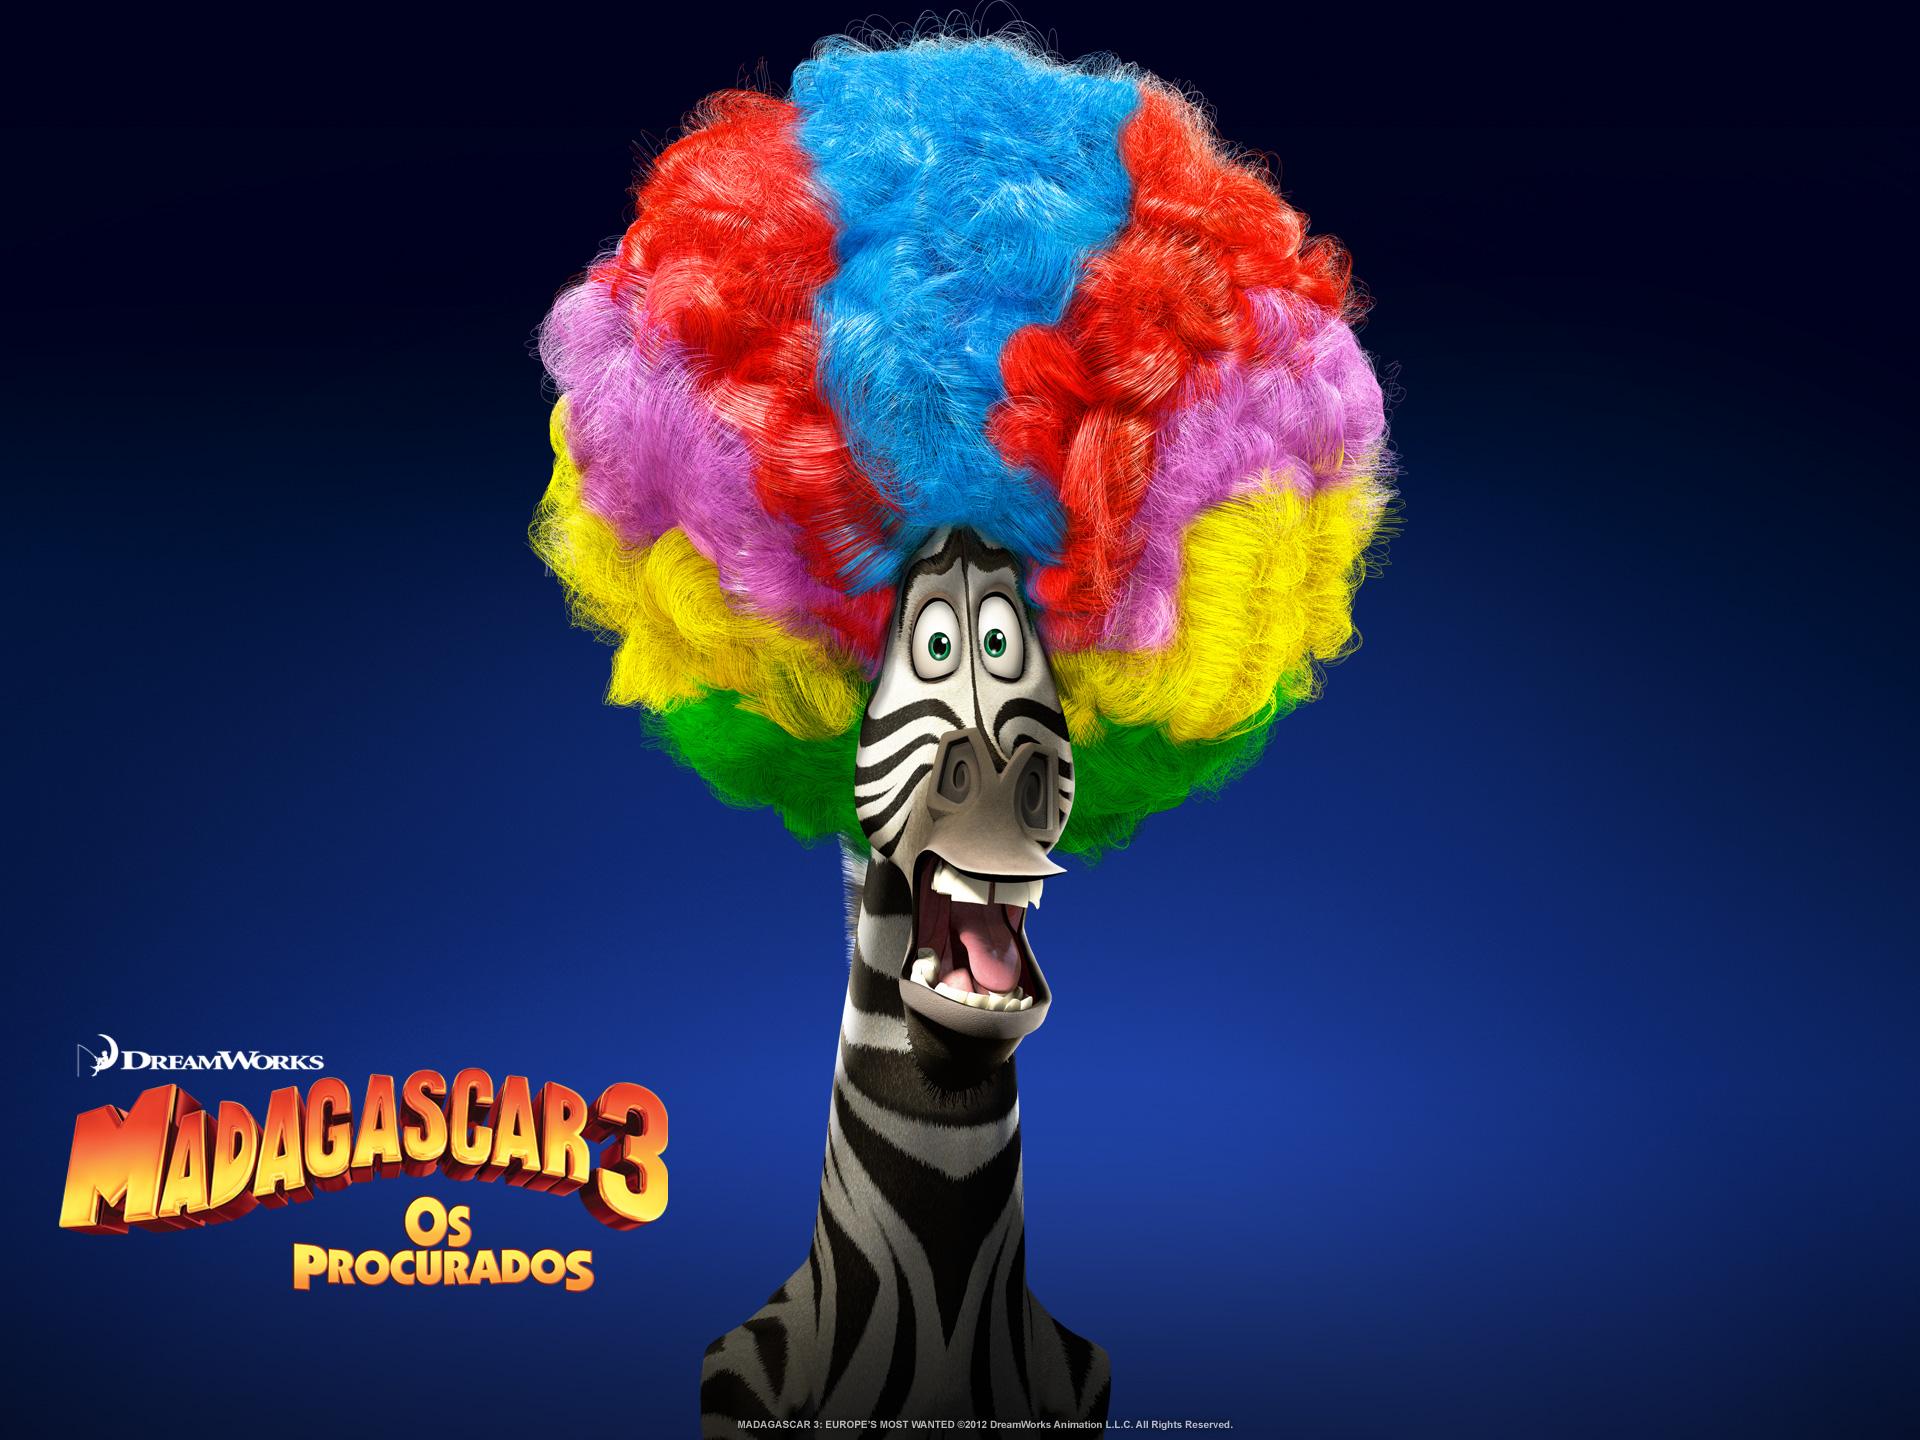 """Wallpapers de """"Madagascar 3: Os Procurados"""" 05"""